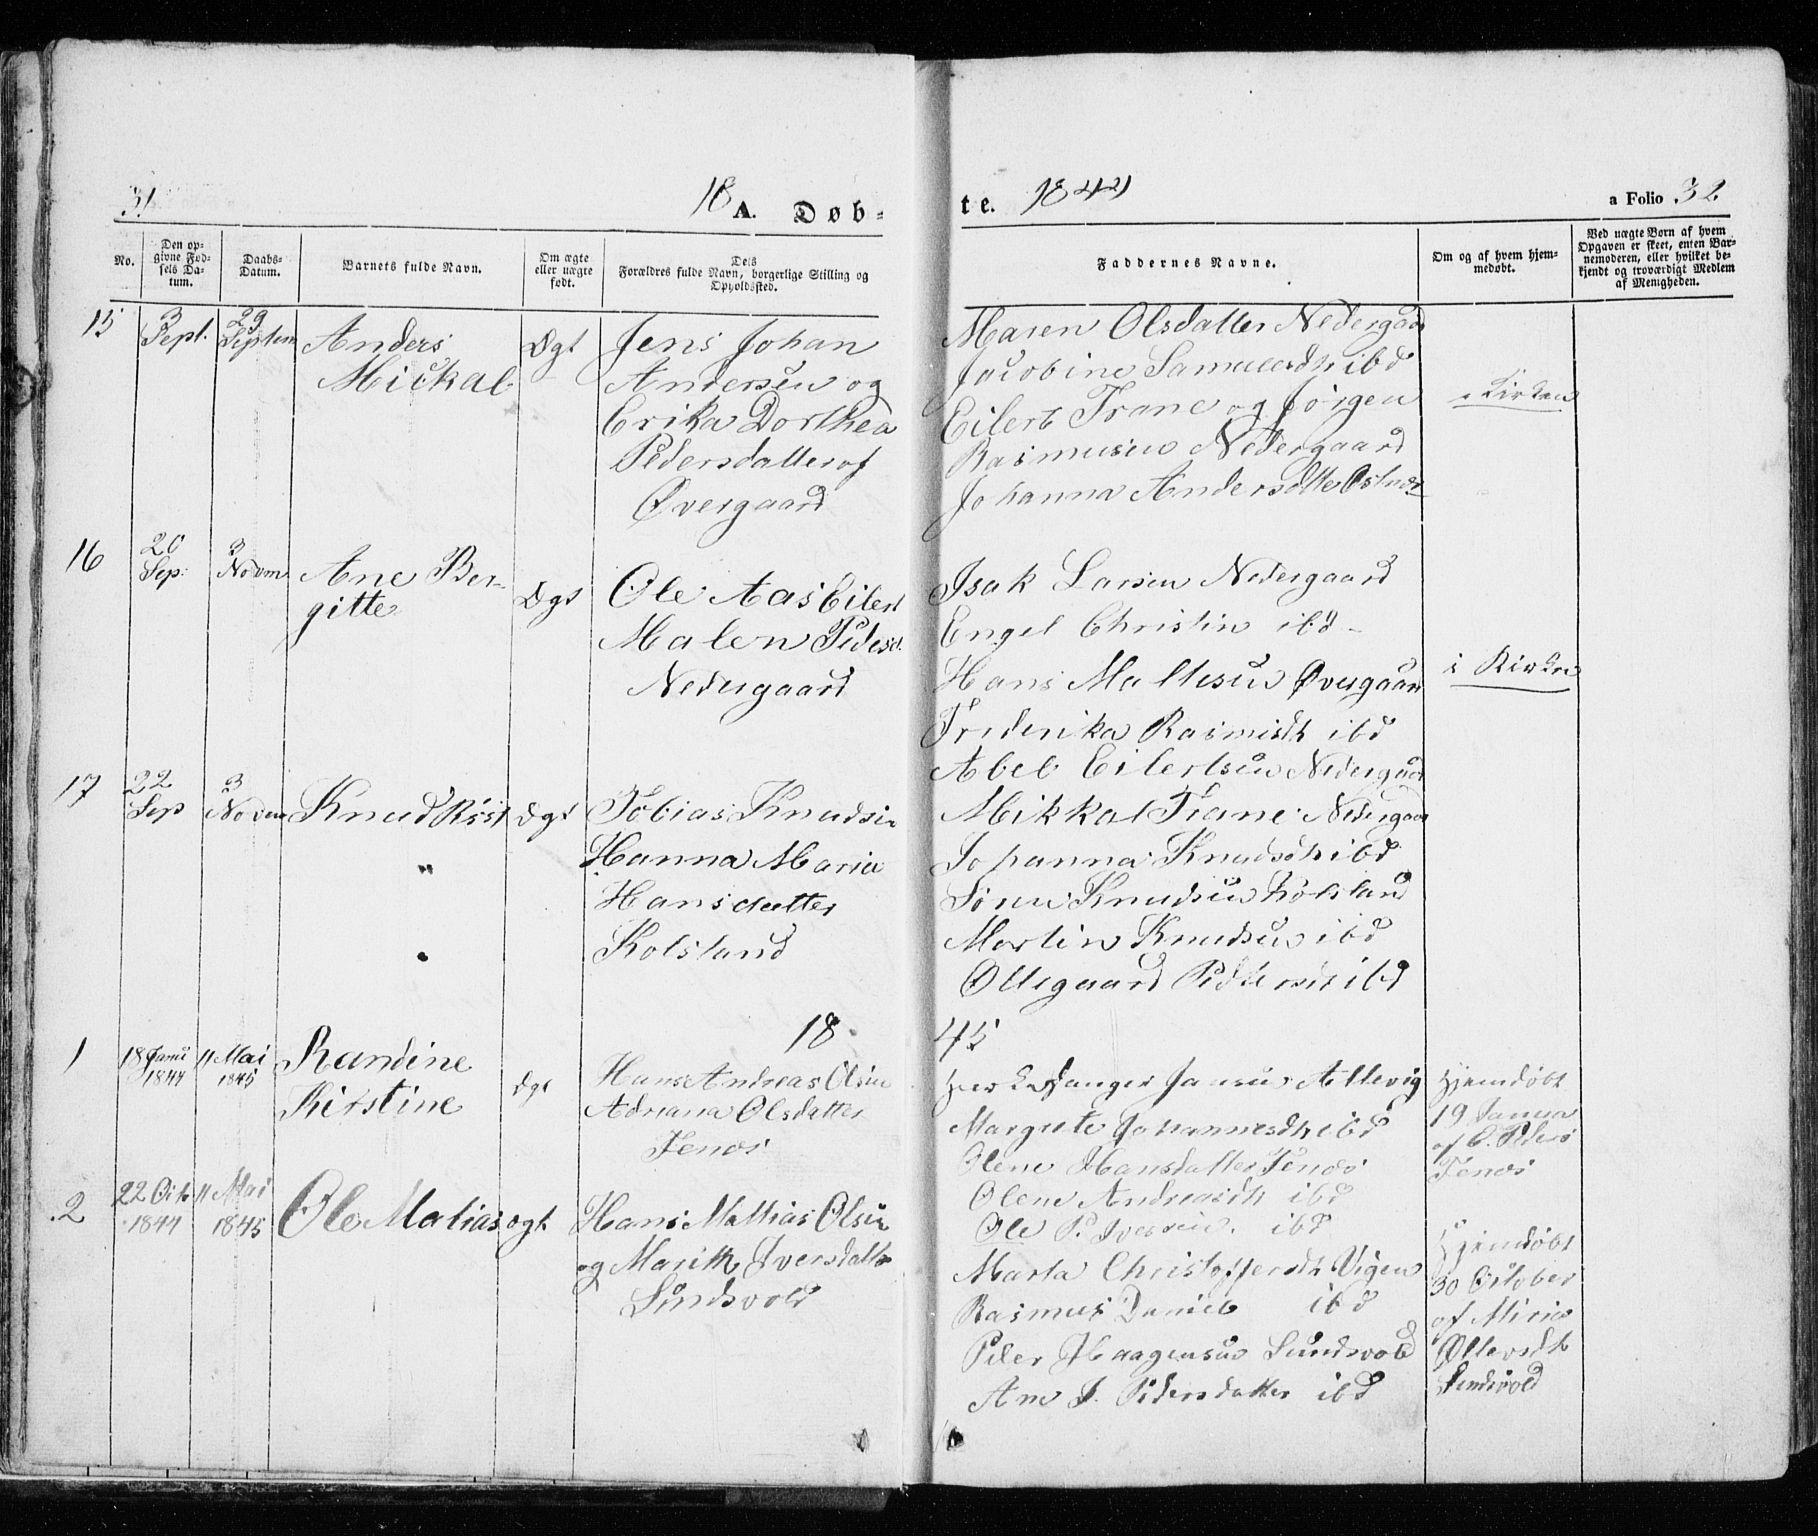 SATØ, Trondenes sokneprestkontor, H/Ha/L0010kirke: Ministerialbok nr. 10, 1840-1865, s. 31-32